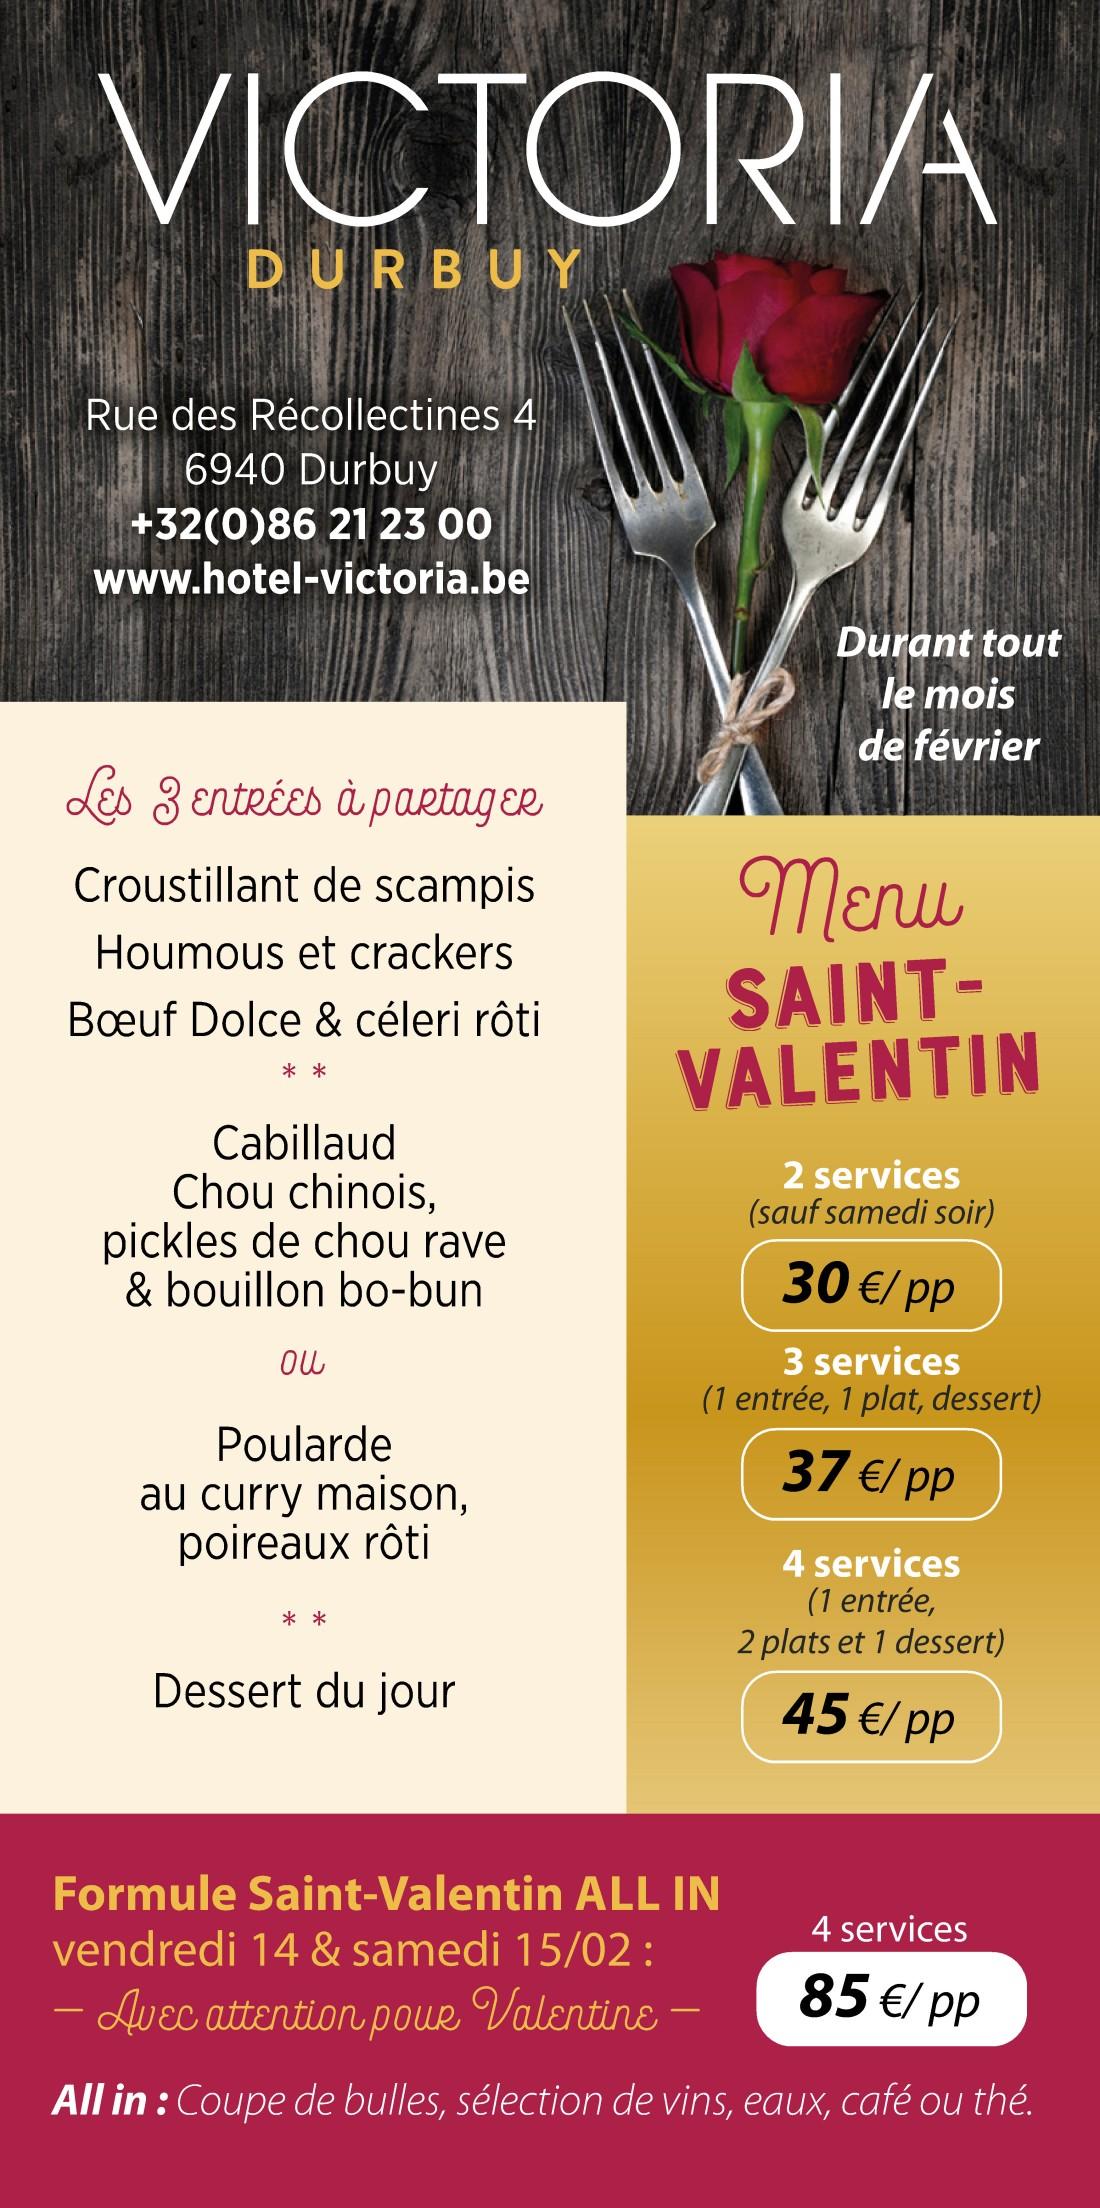 Menu de Saint-Valentin pour Victoria